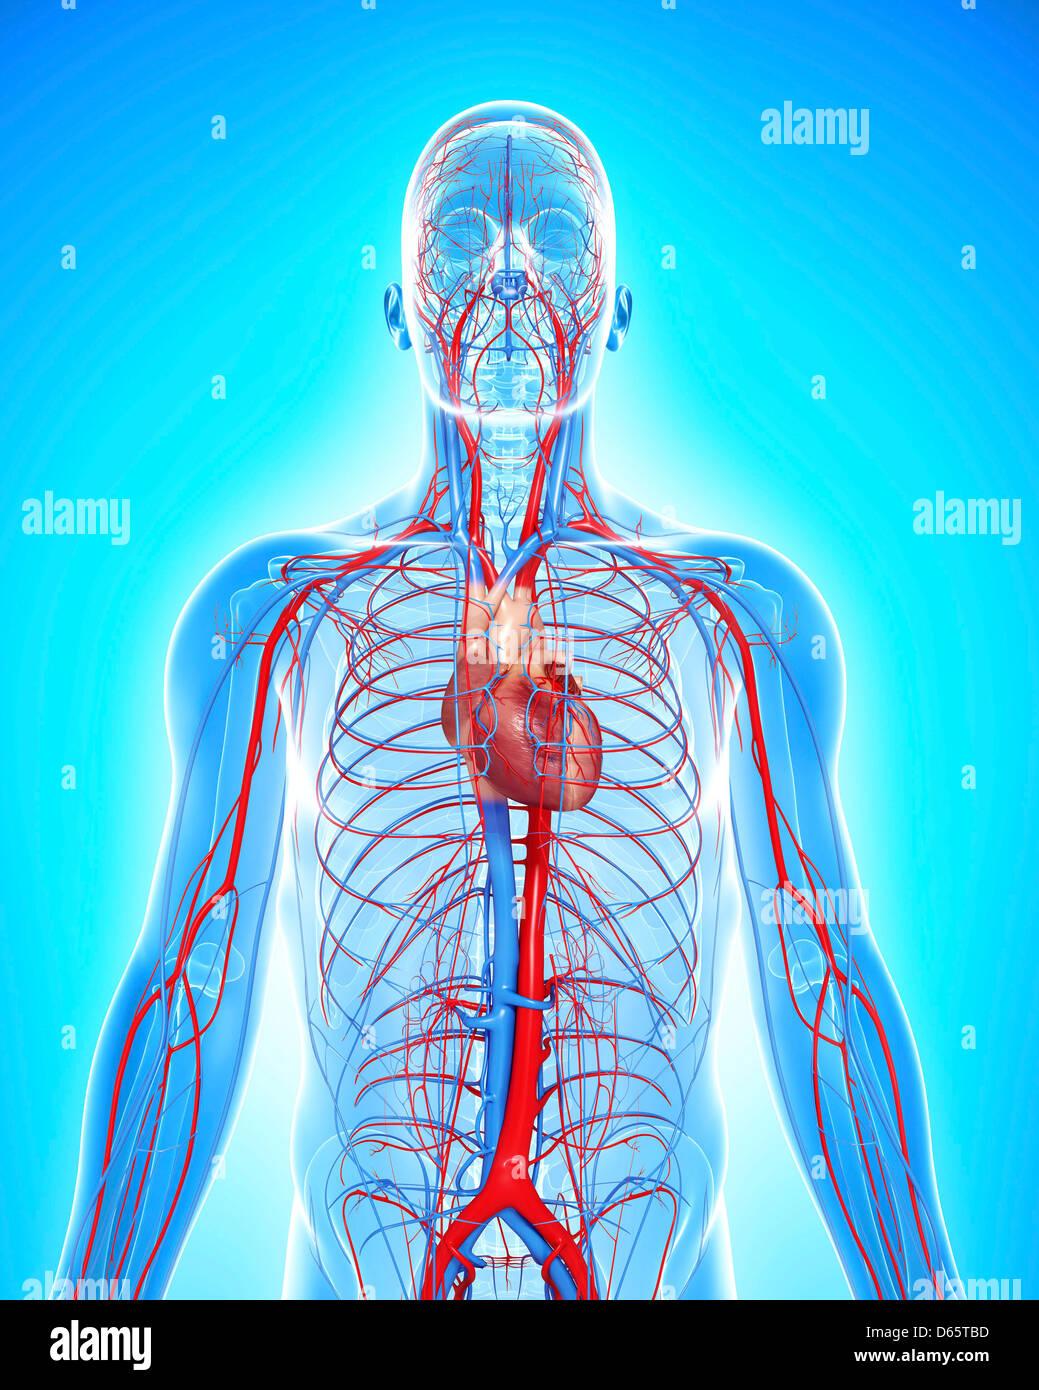 Großartig Herz Kreislauf System Besteht Aus Fotos - Menschliche ...